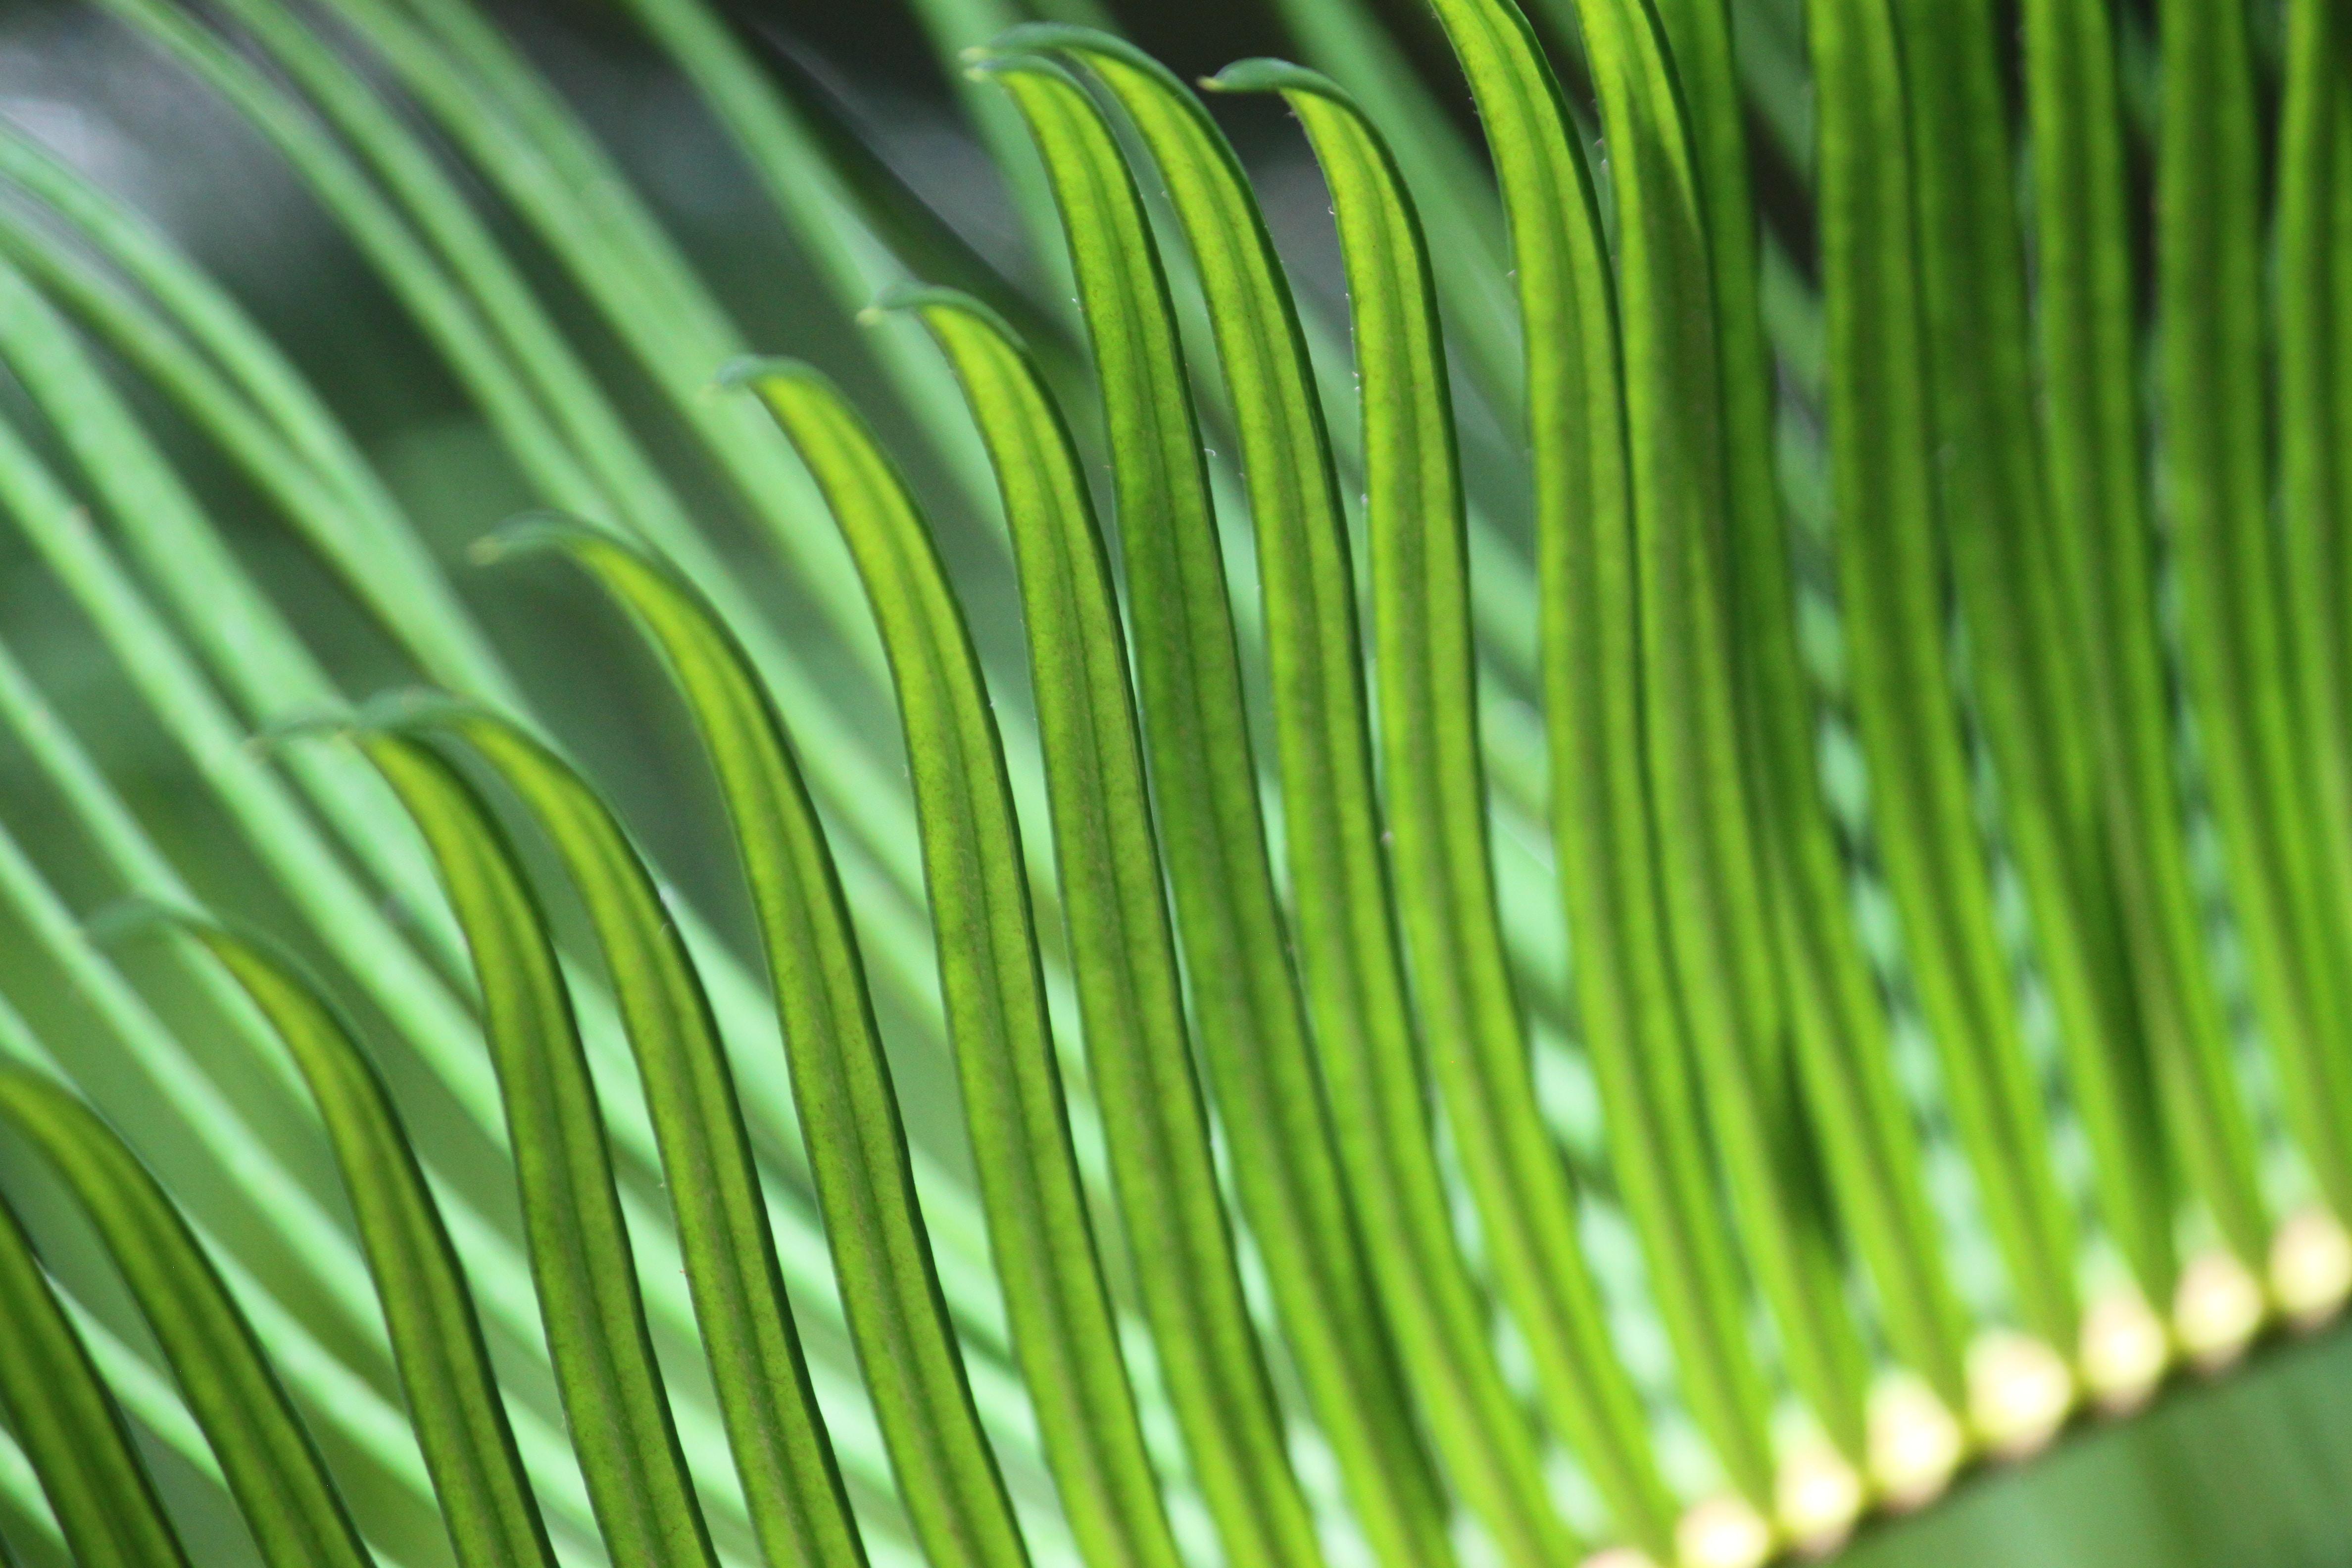 Macro shot of long and thin green leaves at Huntington Beach